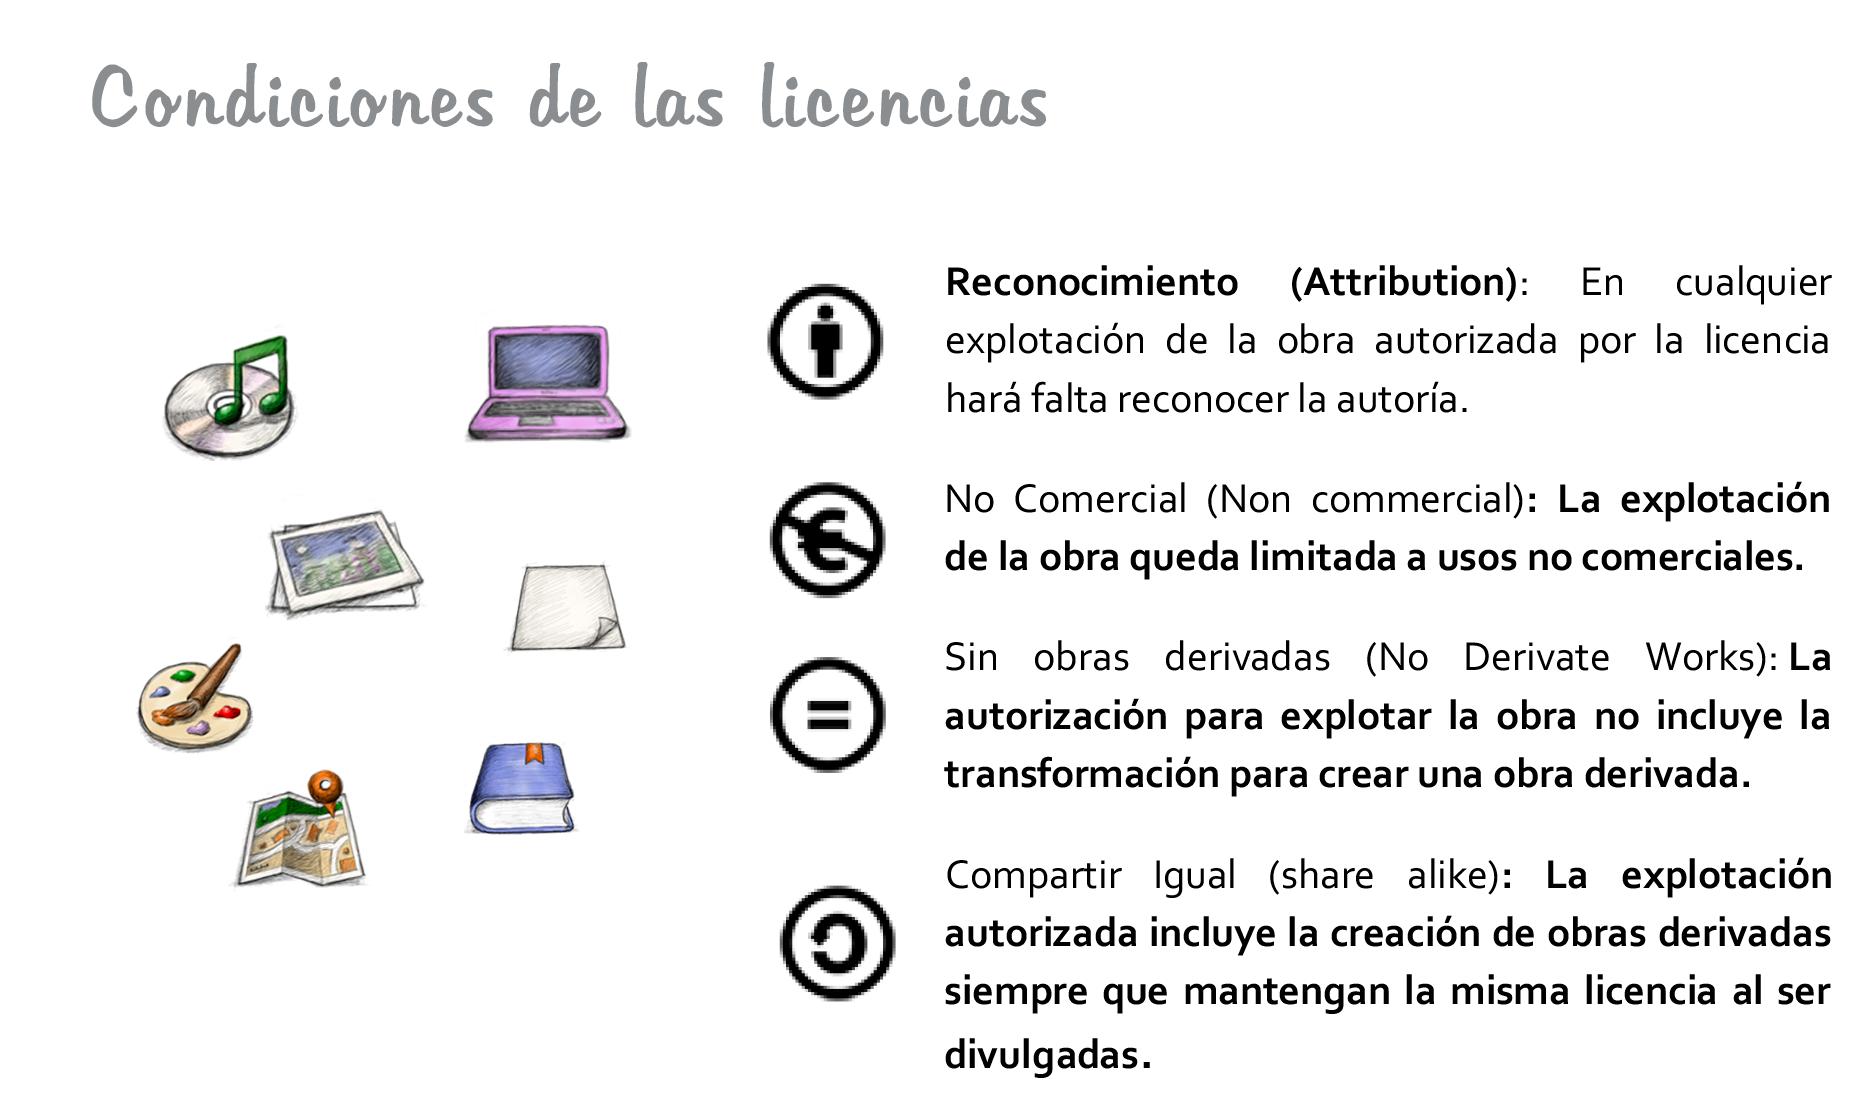 condiciones-de-las-licencias2